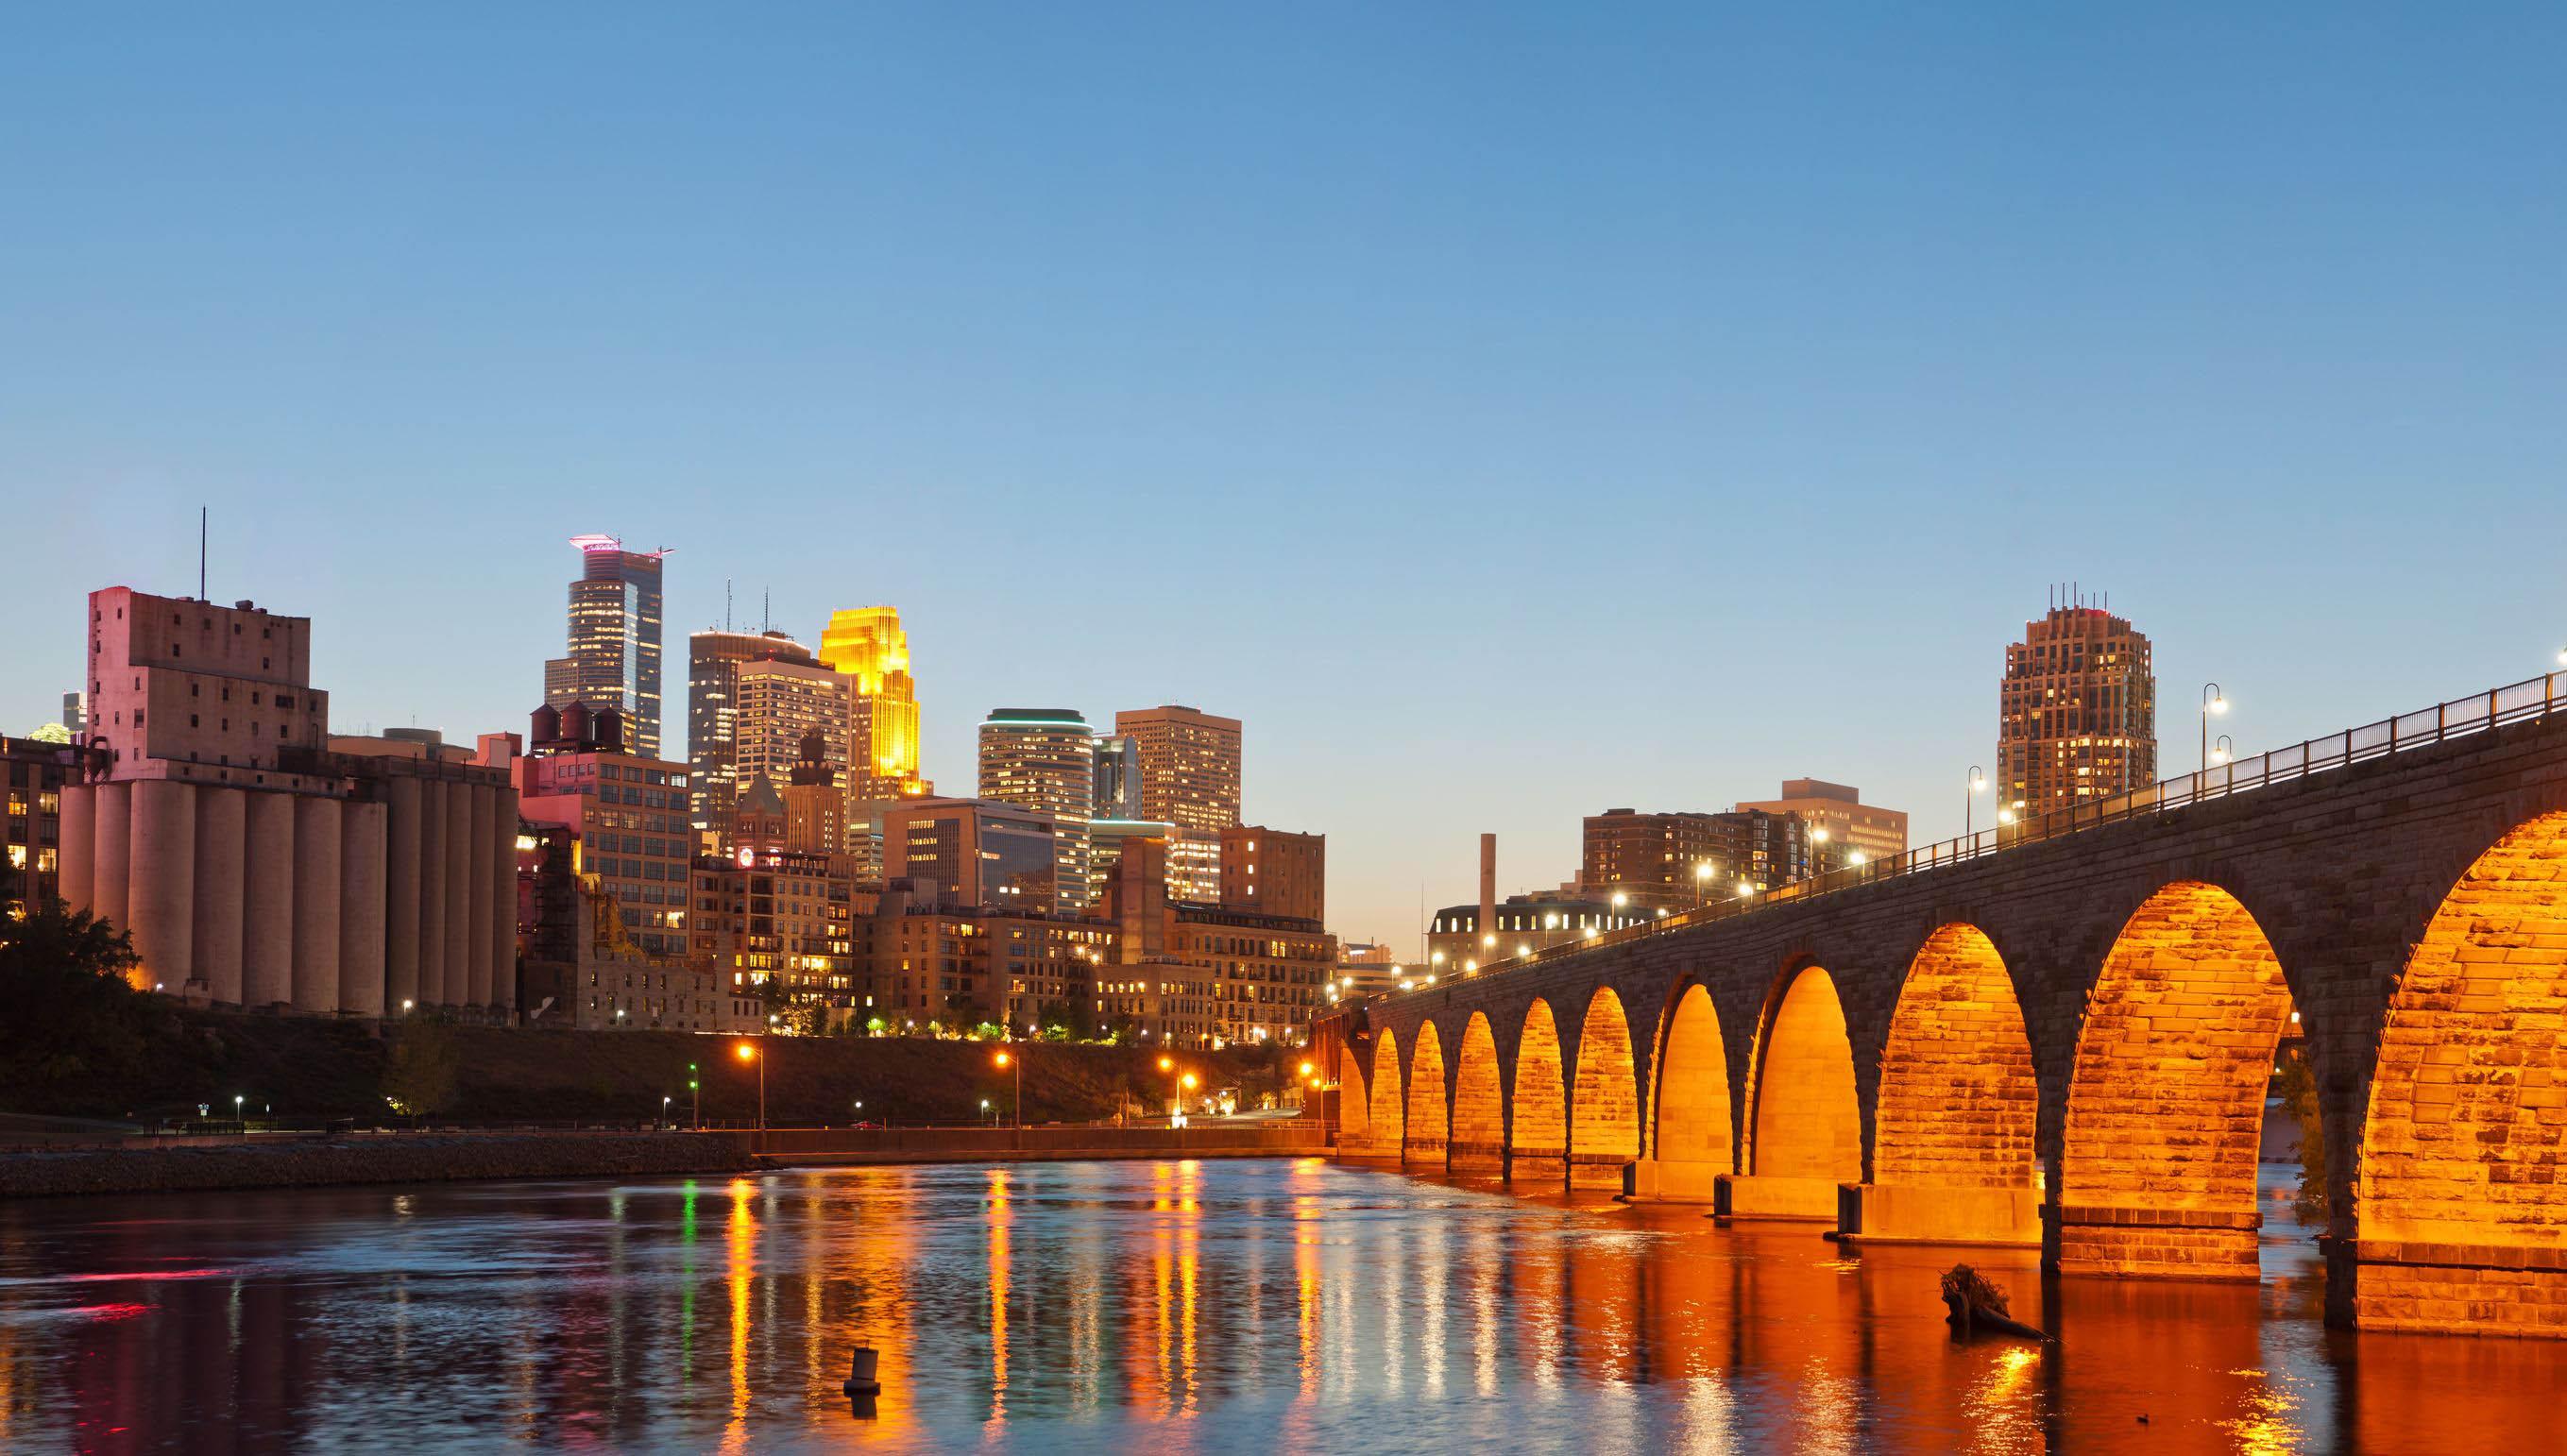 city-bridge-minnesota-usa